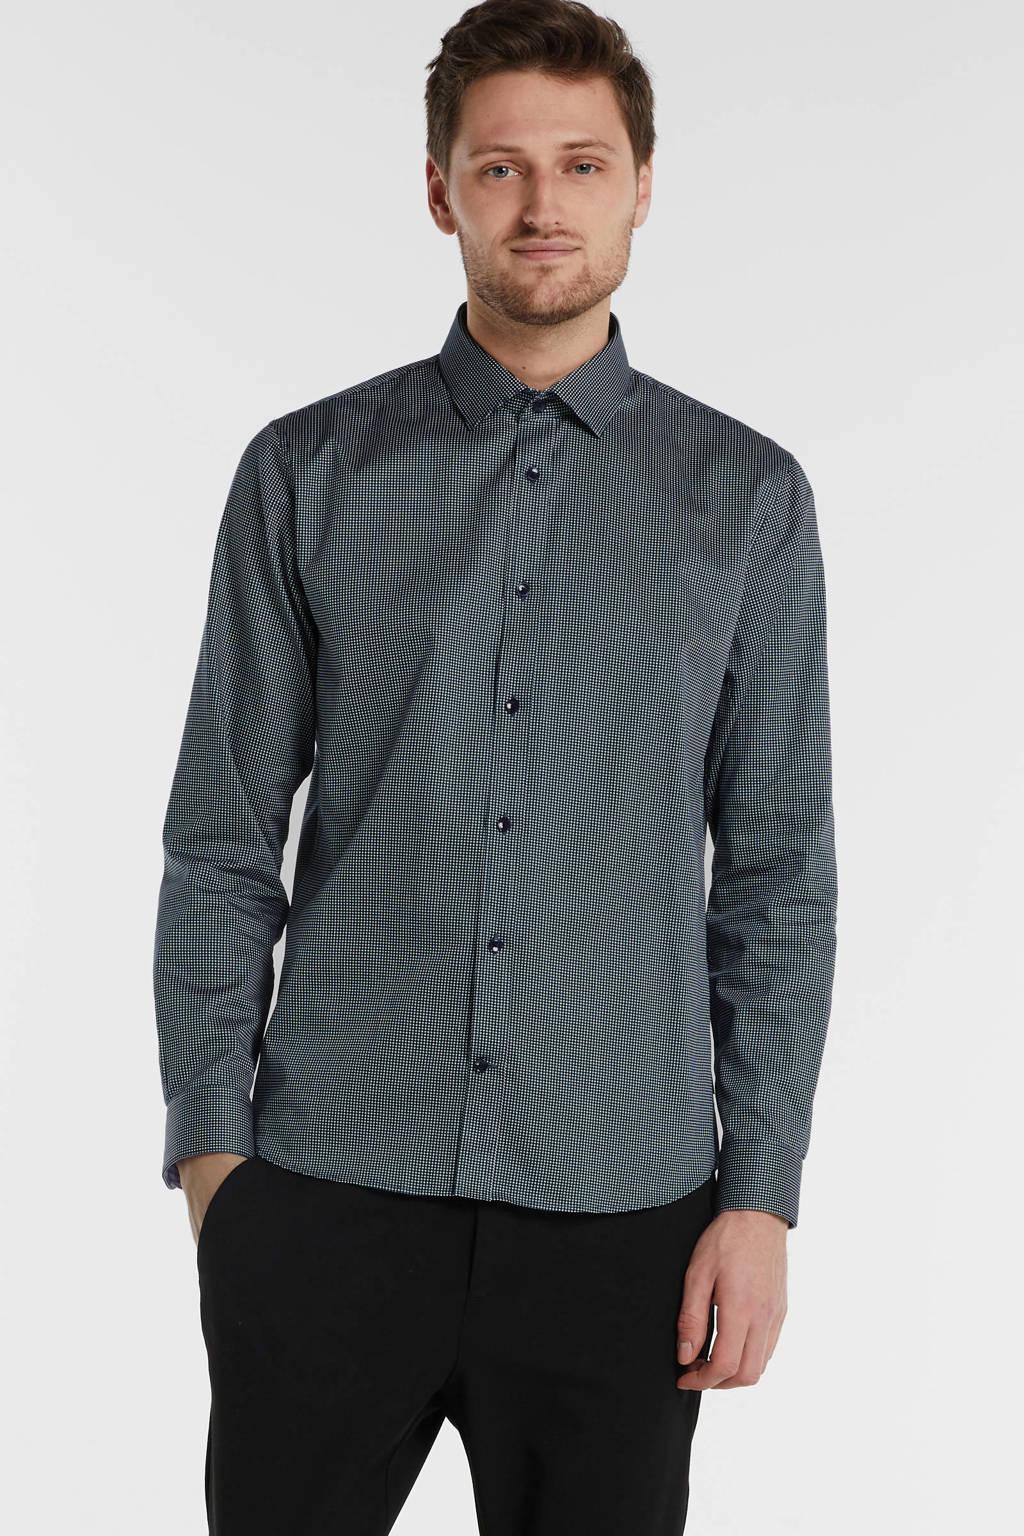 Matinique gemêleerd regular fit overhemd antraciet, Antraciet